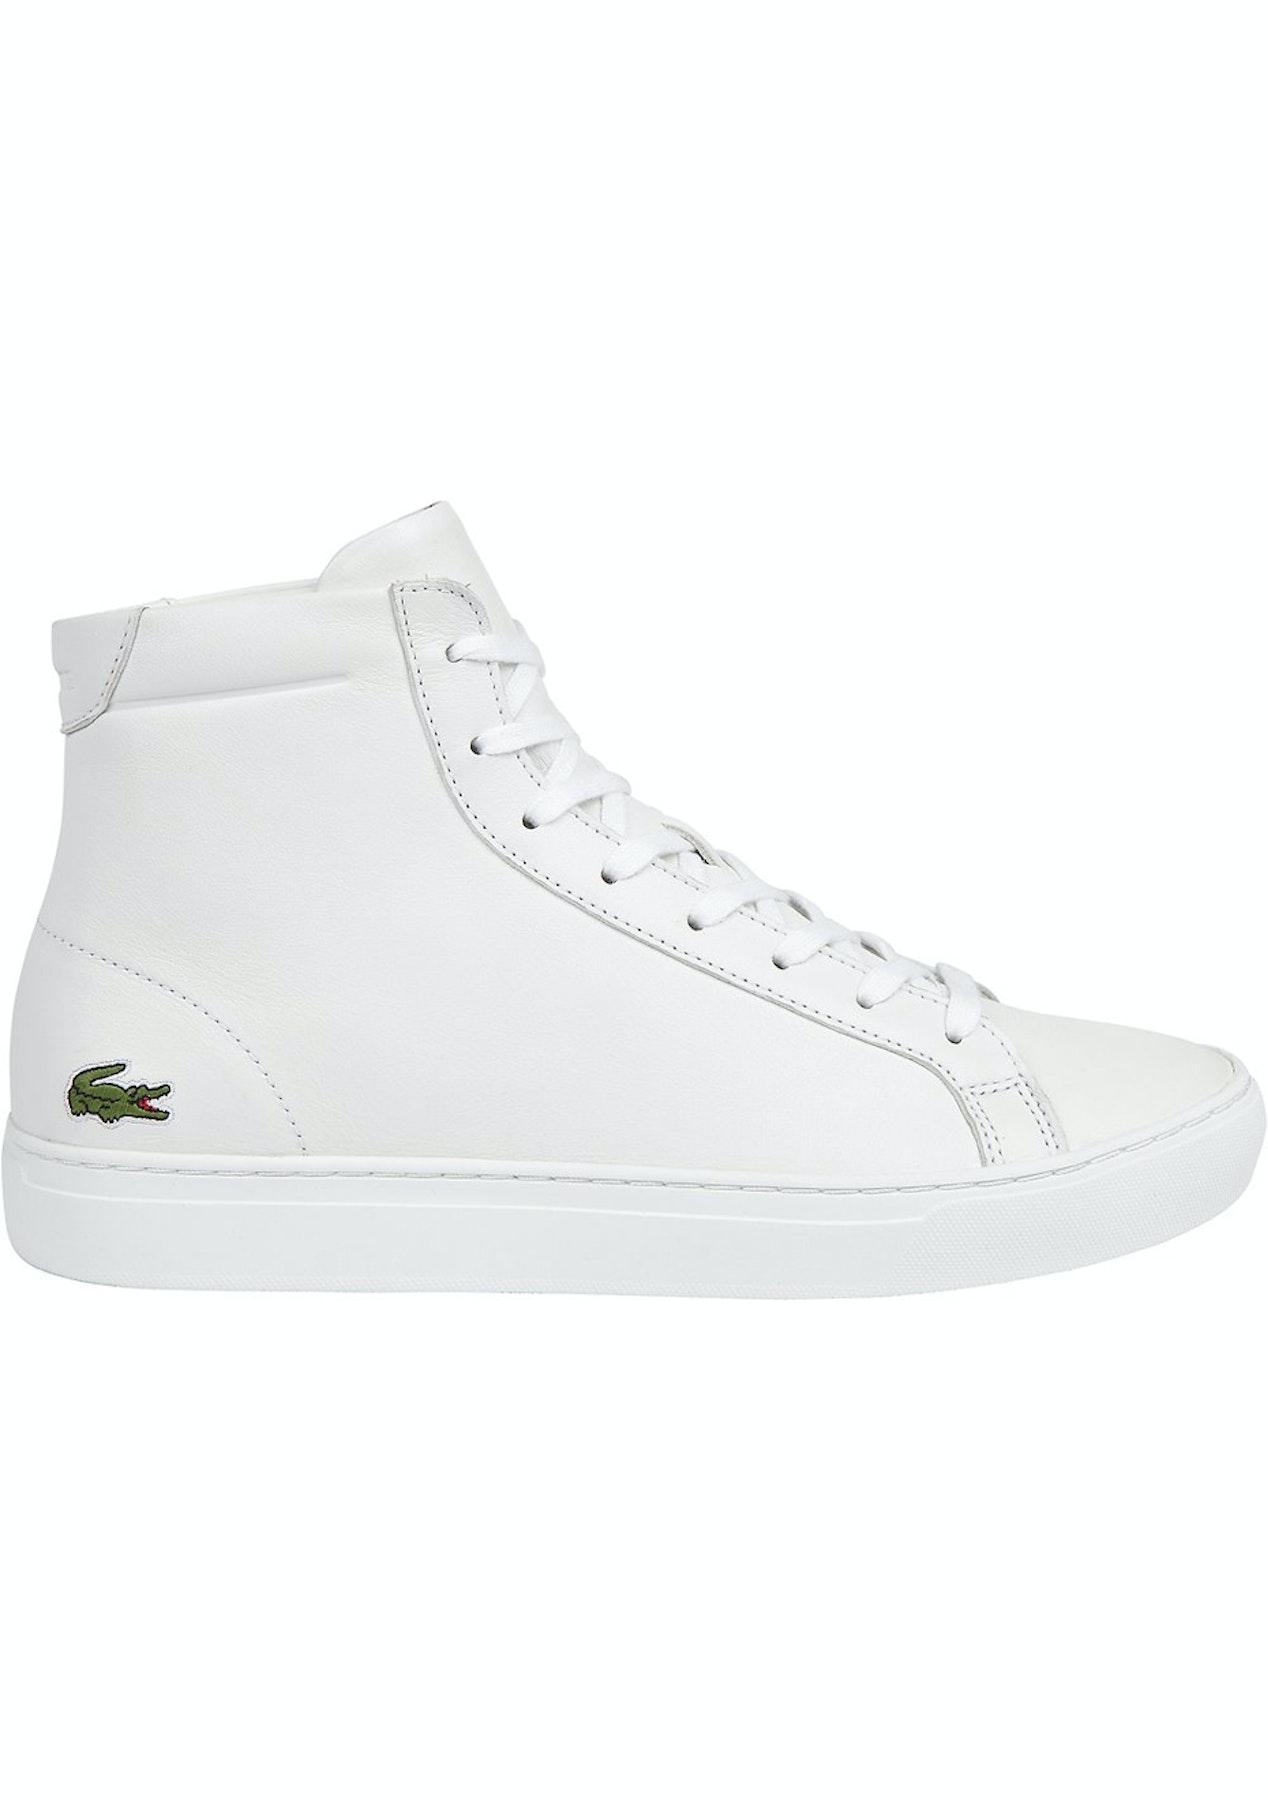 0d6d29bcf1267 Mens Lacoste - L.12.12 Mid 316 1 - White - Mens Shoe Sale - Onceit